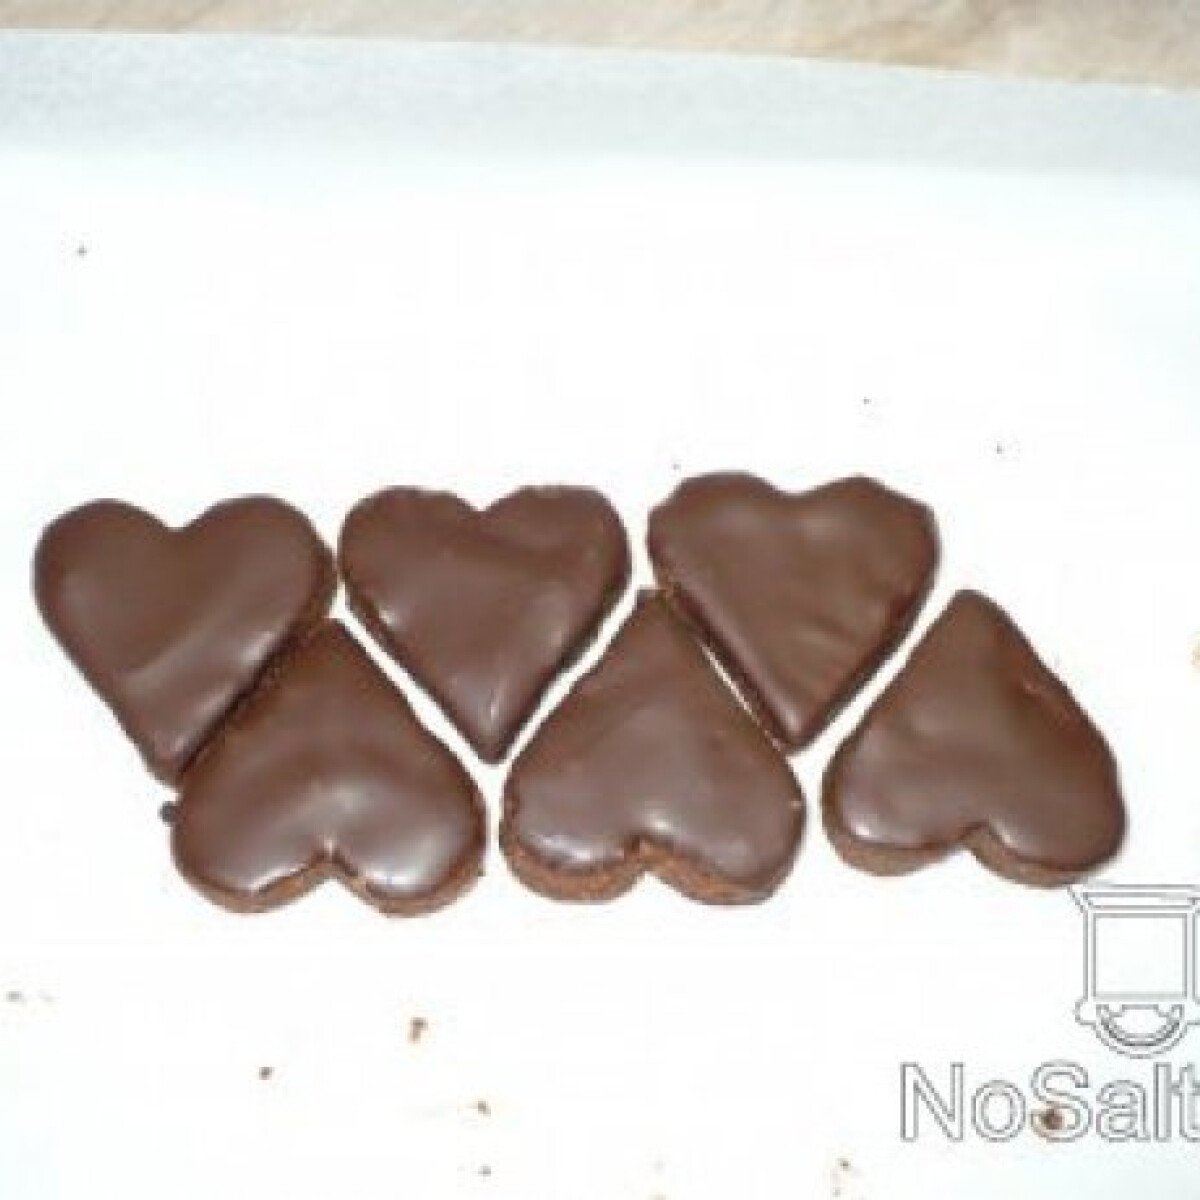 Ezen a képen: Csokoládés szívecskék